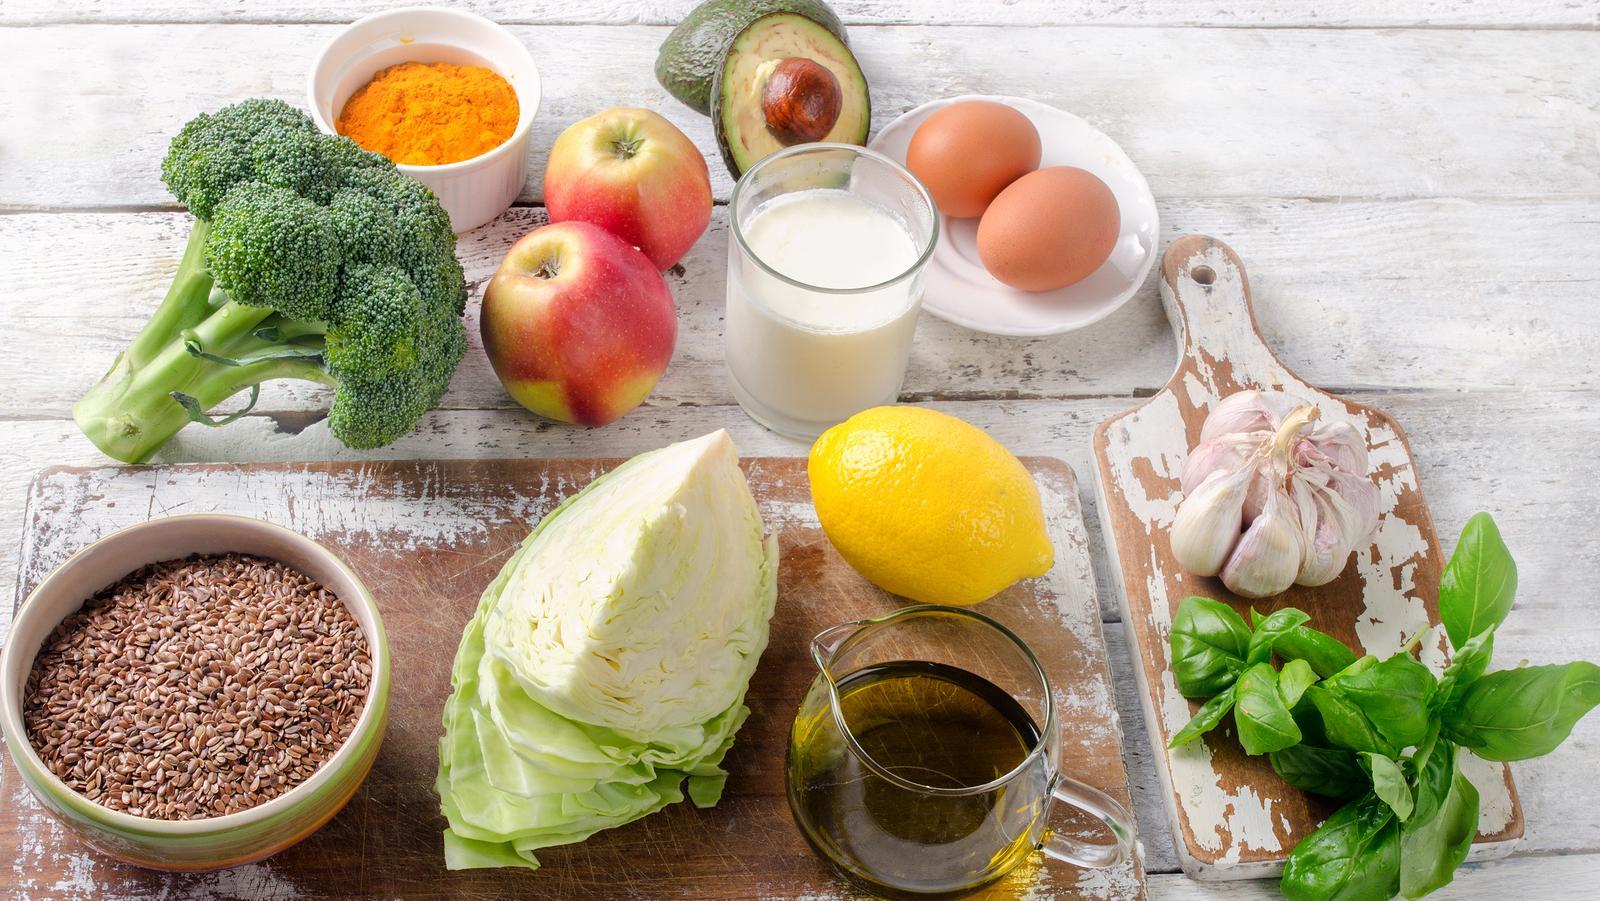 Жидкая Диета Польза. Жидкая диета для похудения — рецепты и меню